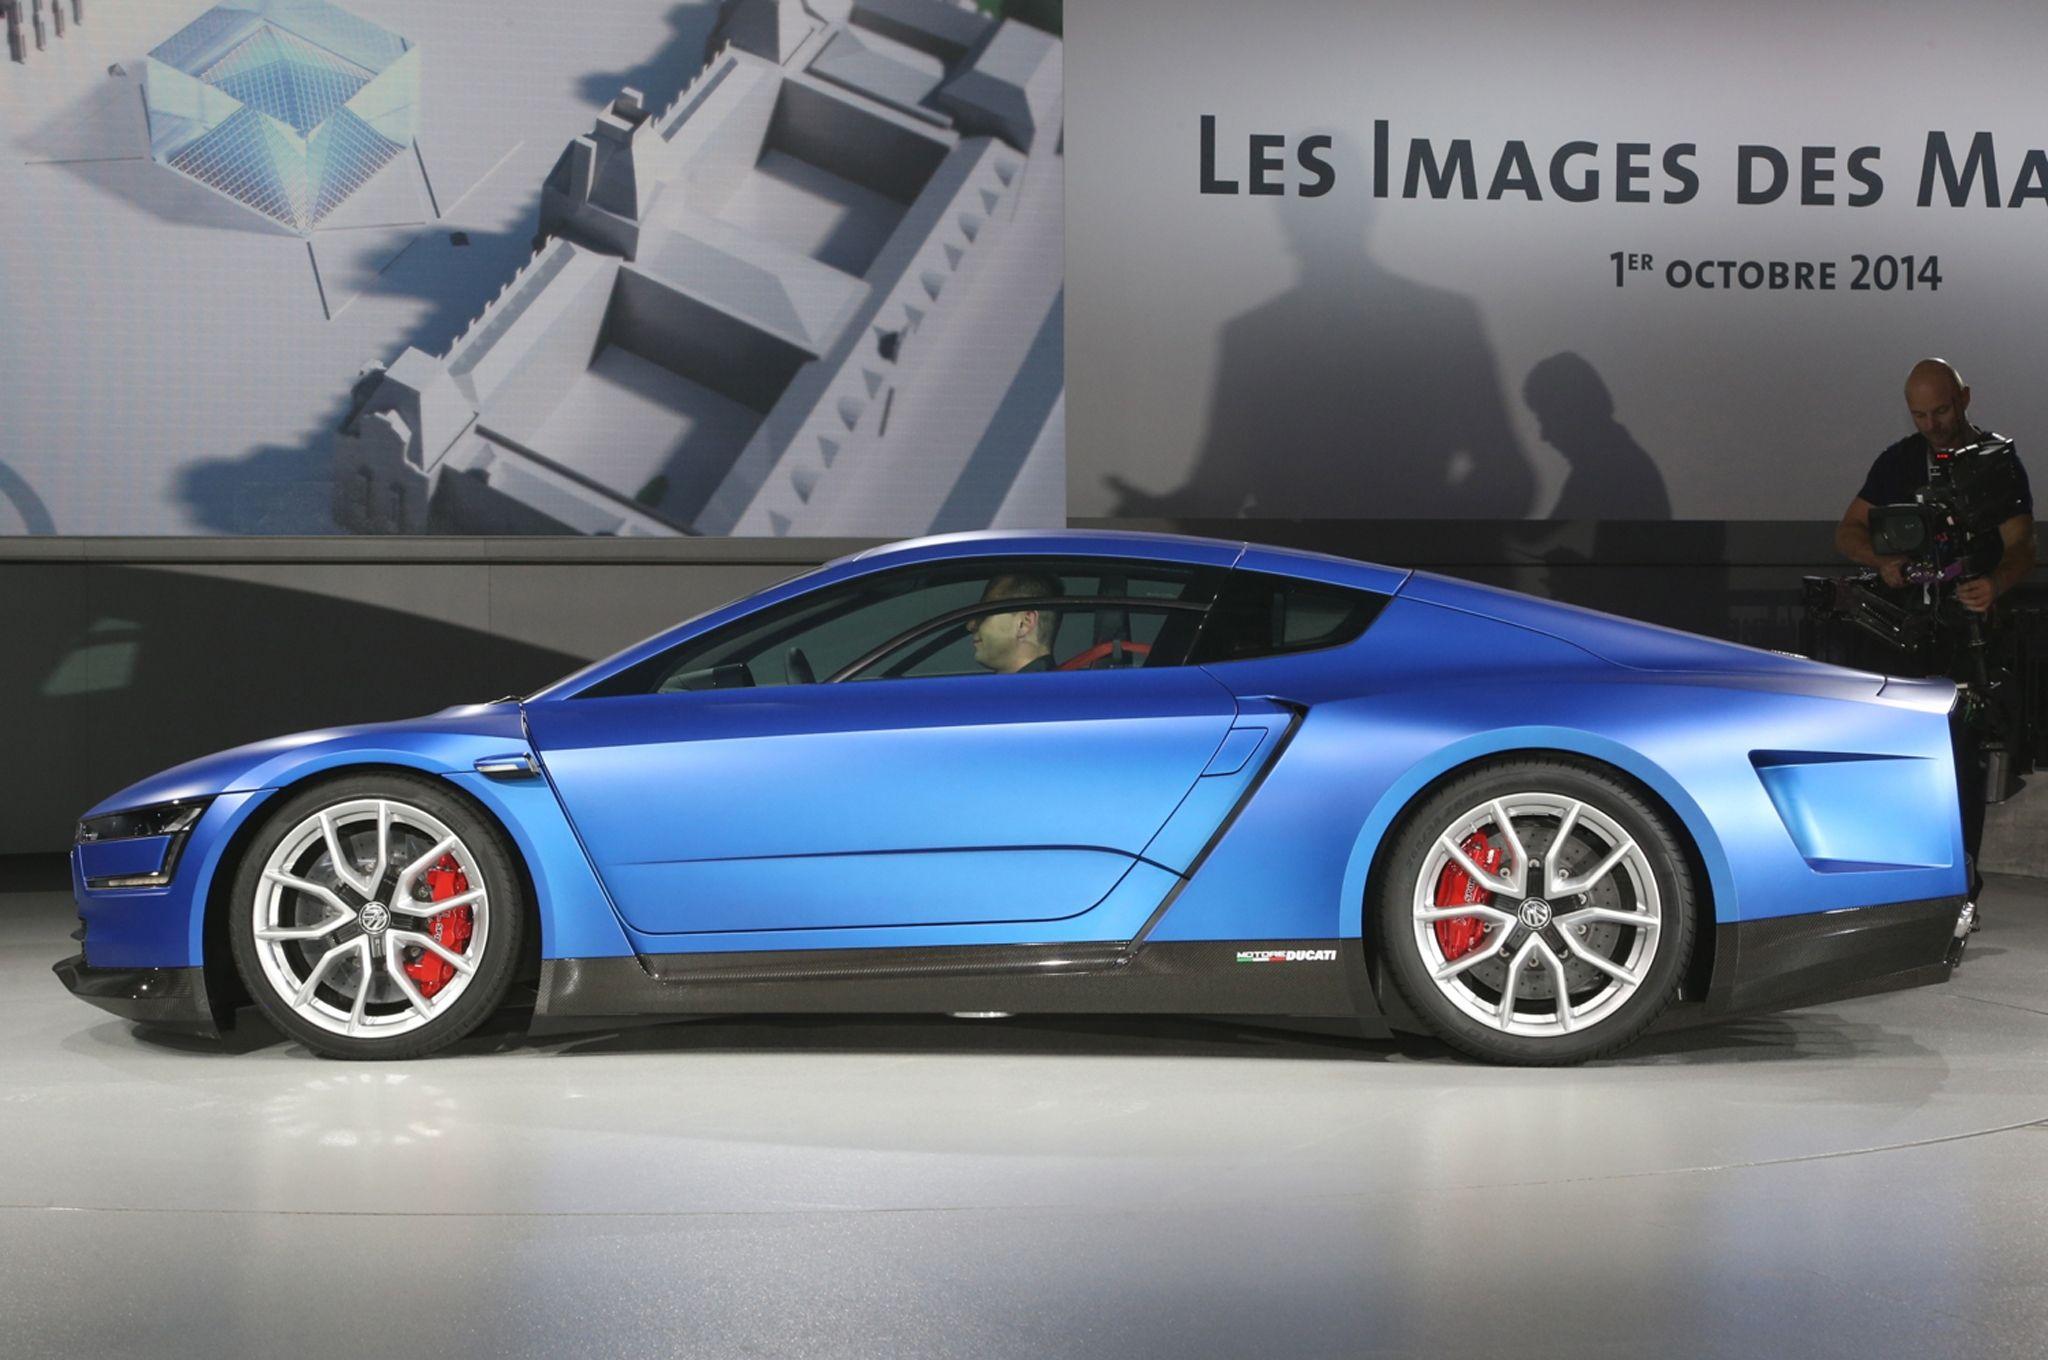 DucatiPowered Volkswagen XL Sport Concept Debuts in Paris